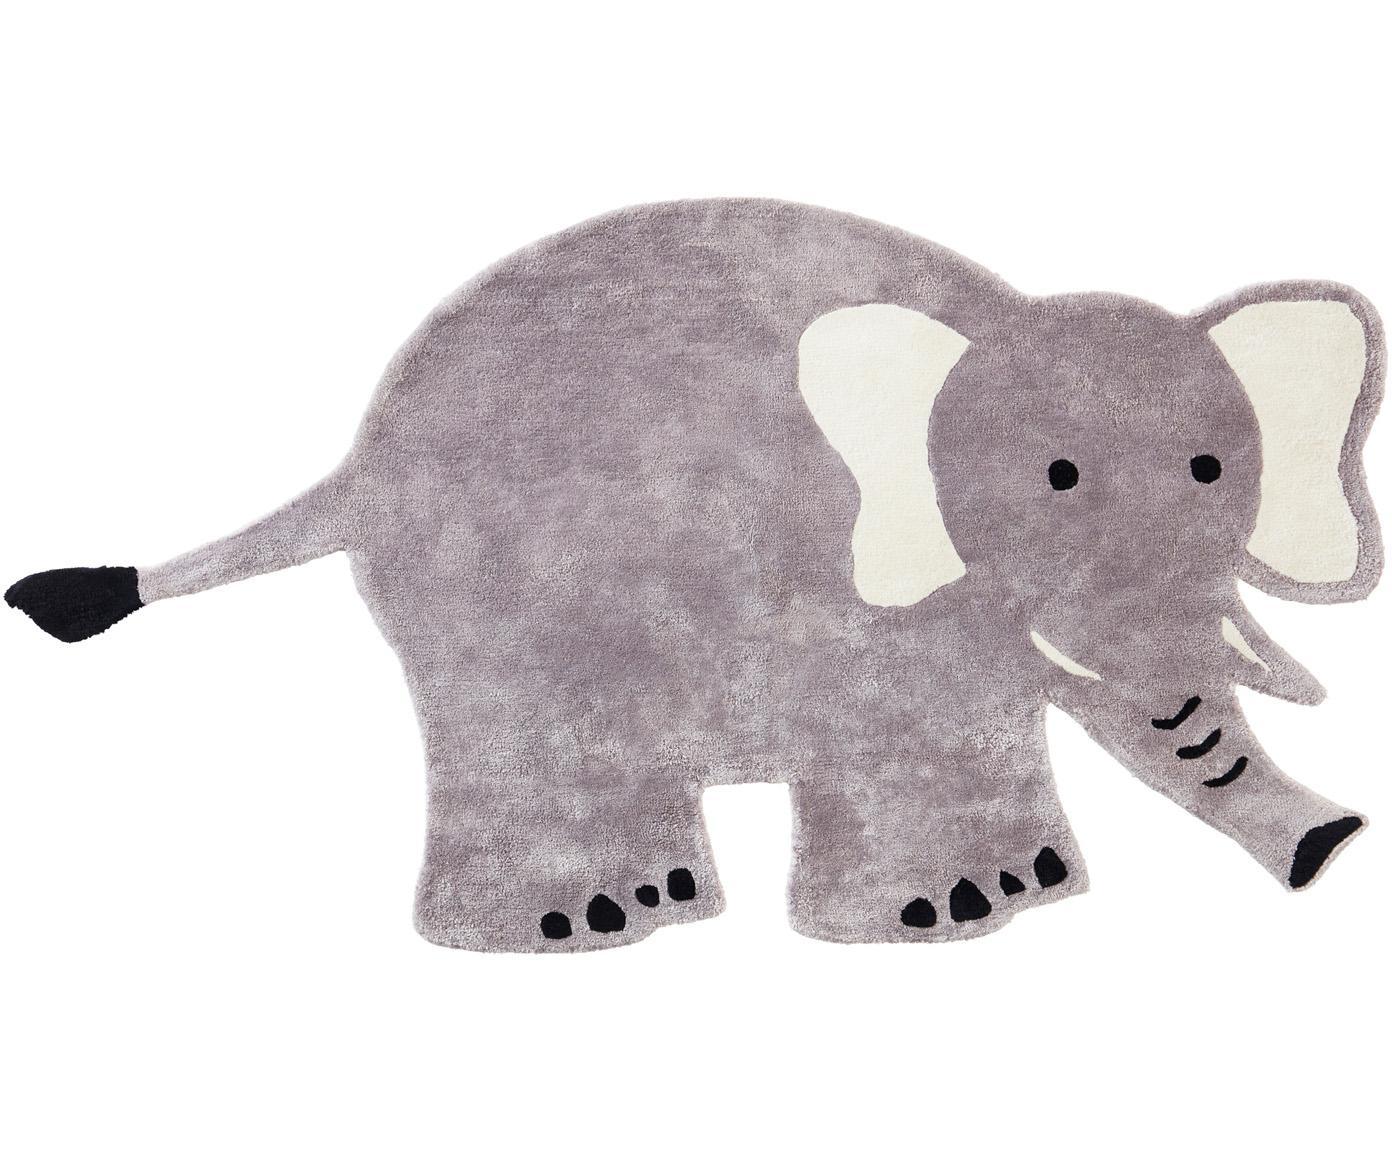 Alfombra de viscosa Ellie Elephant, 100%viscosa, 4600g/m², Gris, negro, blanco, An 100 x L 180 cm (Tamaño S)